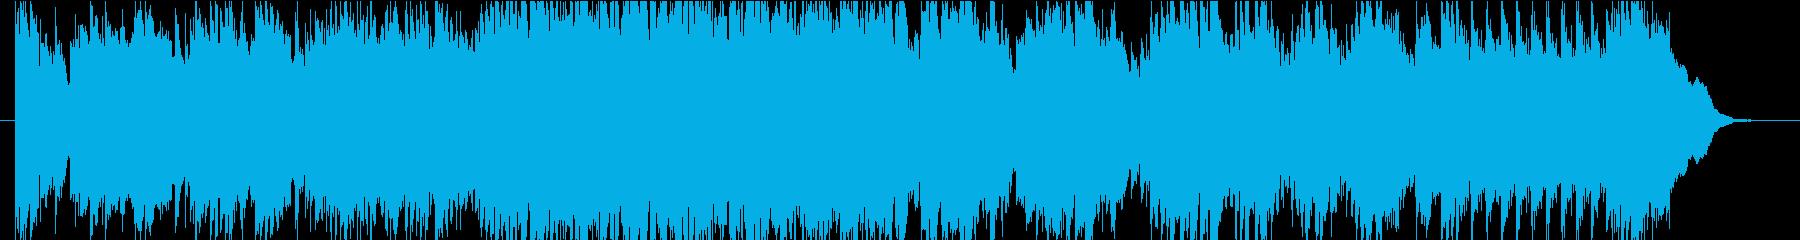 虹をイメージした爽やかなピアノBGMの再生済みの波形